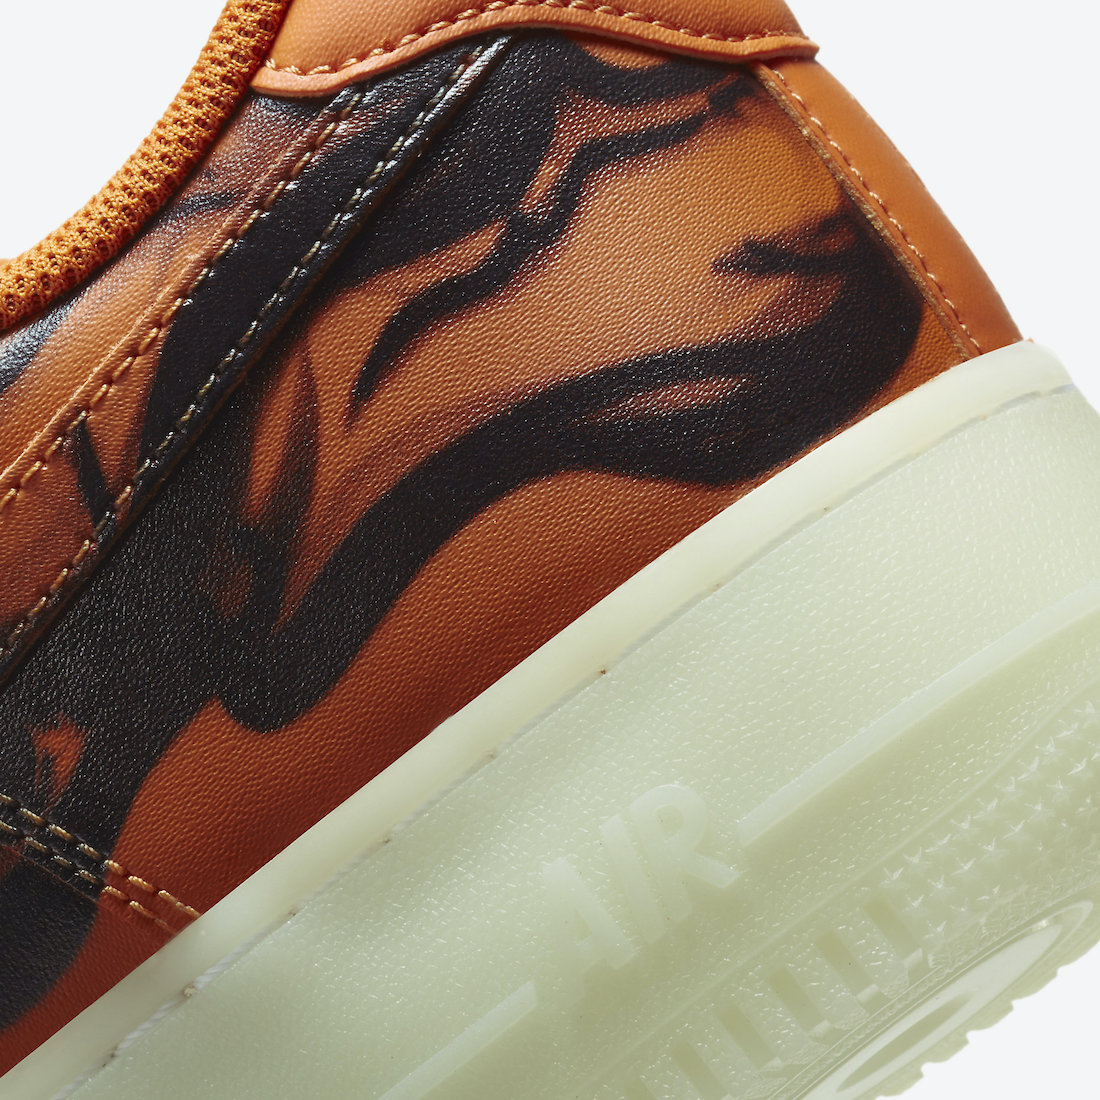 Nike-Air-Force-1-Orange-Skeleton-CU8067-800-Release-Date-7